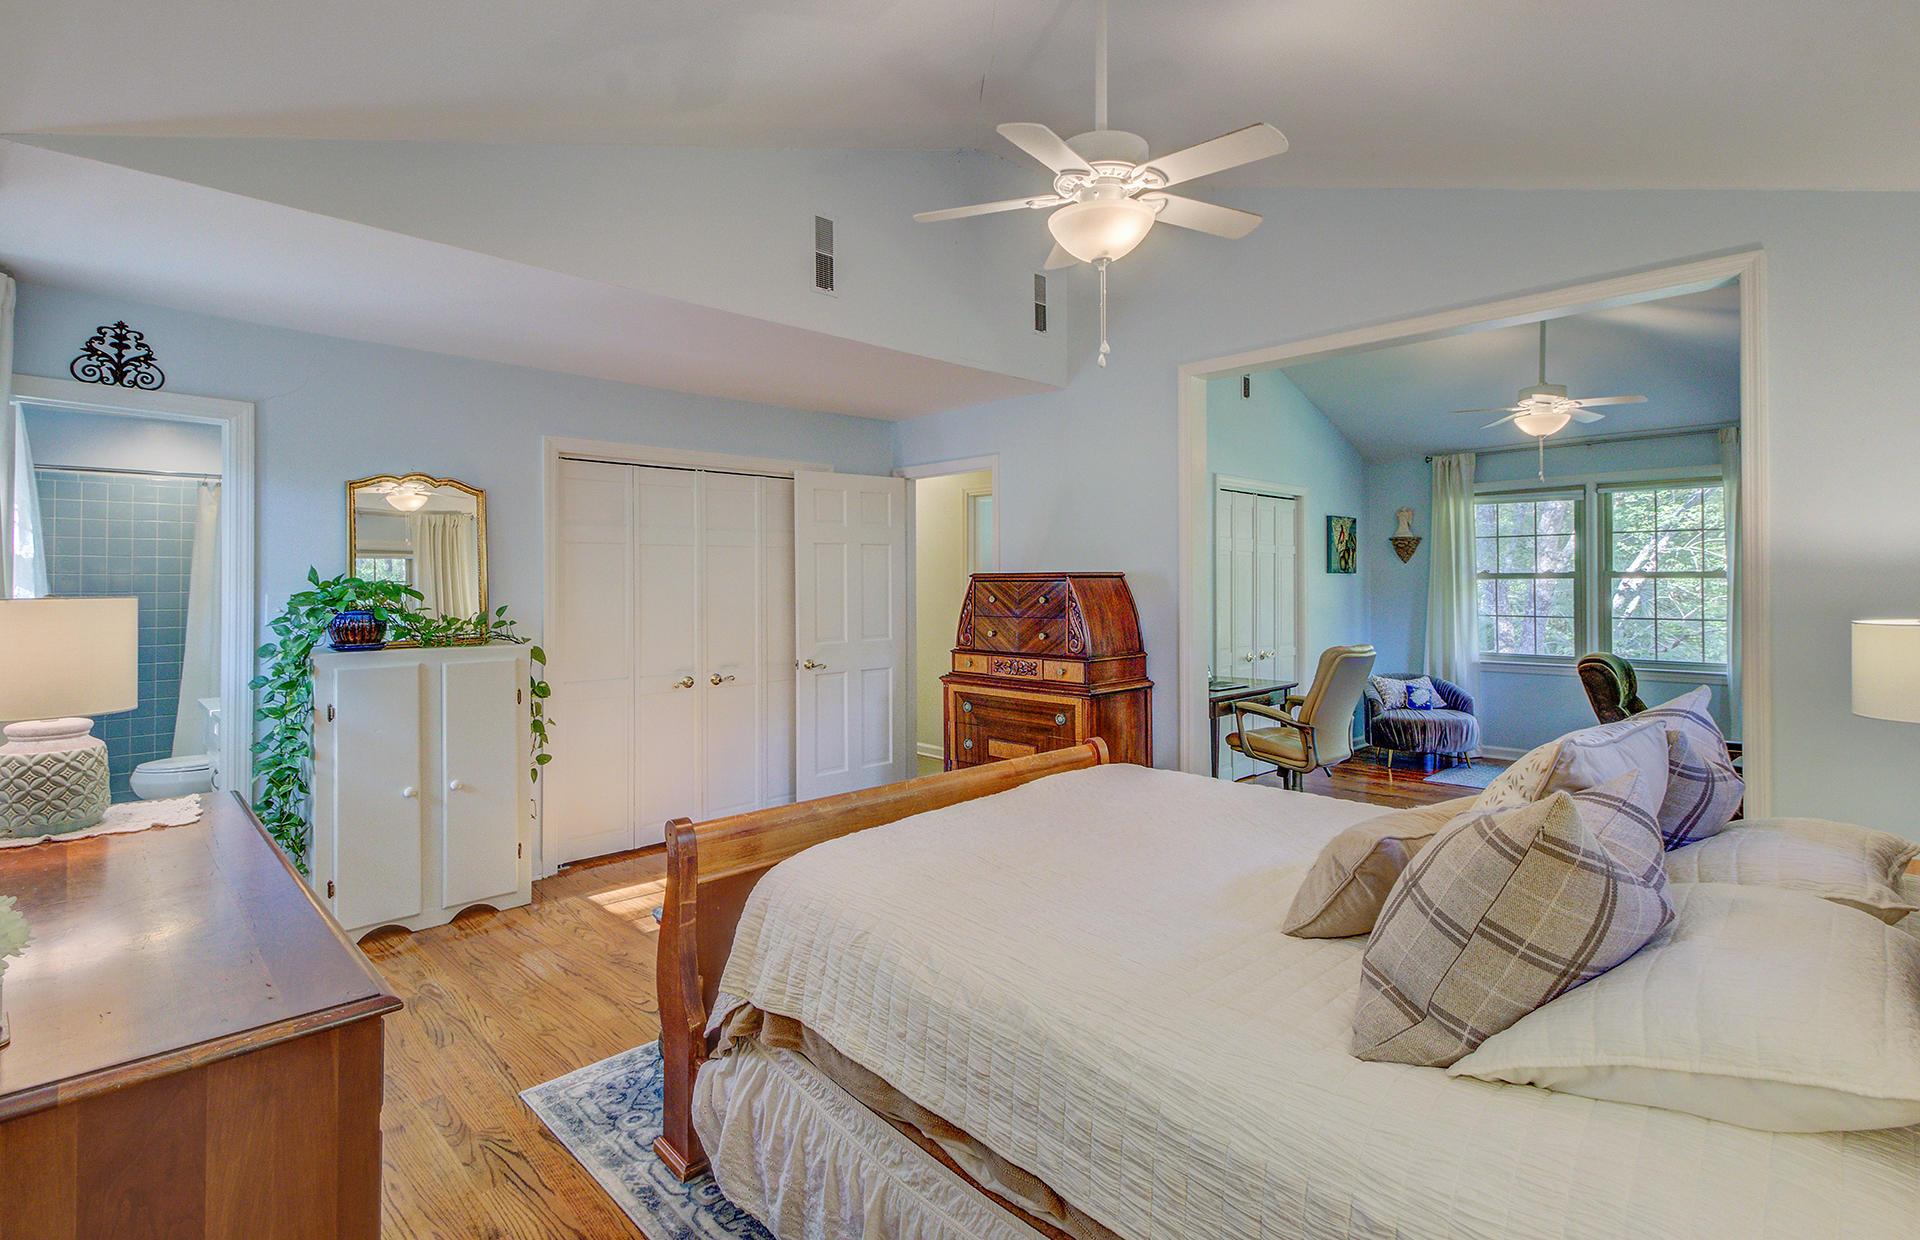 Pine Forest Inn Homes For Sale - 543 Simmons, Summerville, SC - 67